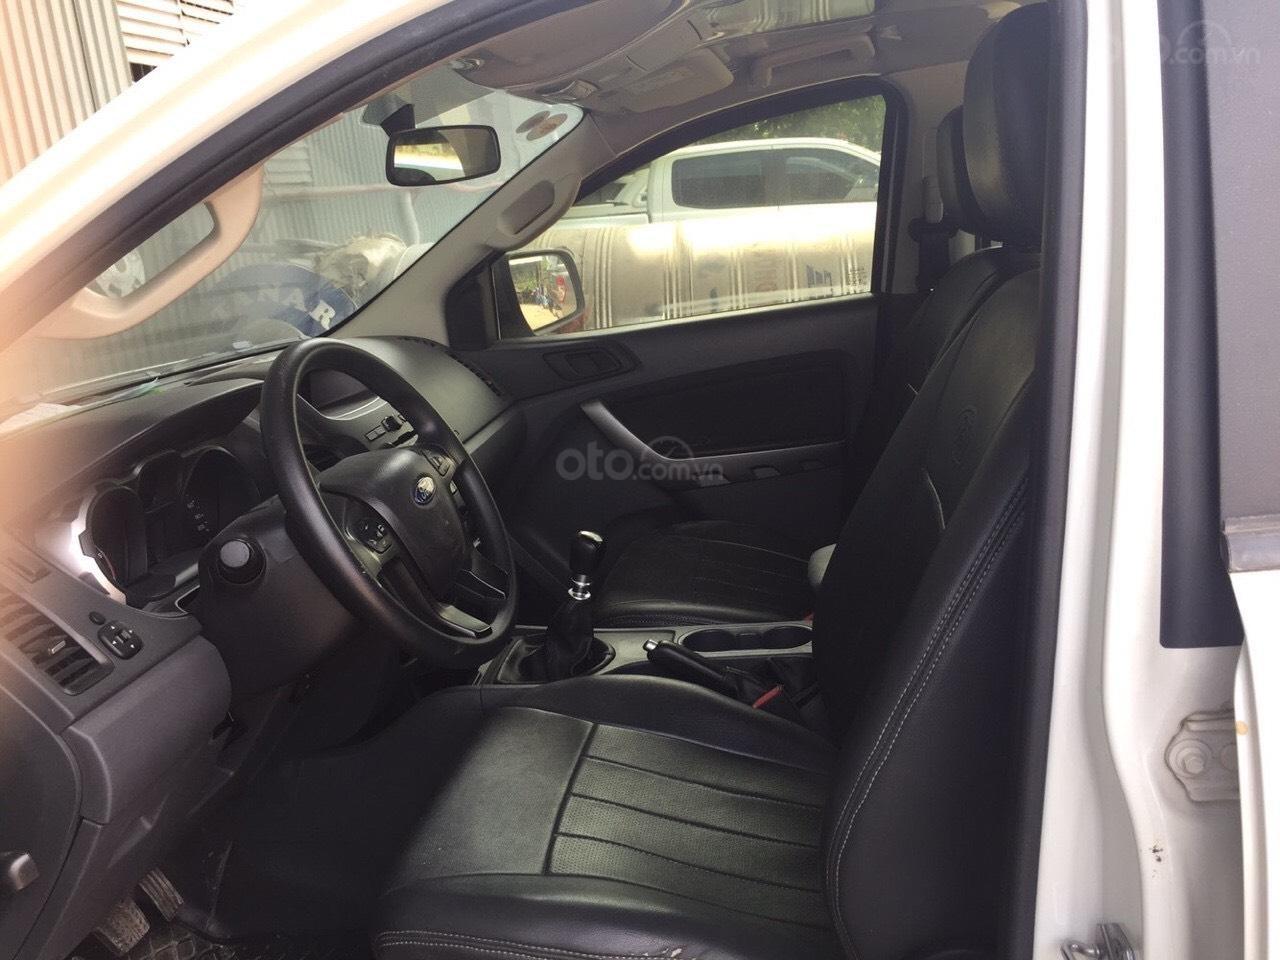 Ranger XLS số sàn, xe chất đời 2016, xe mới như hình, bán và bảo hành chính hãng Ford (5)